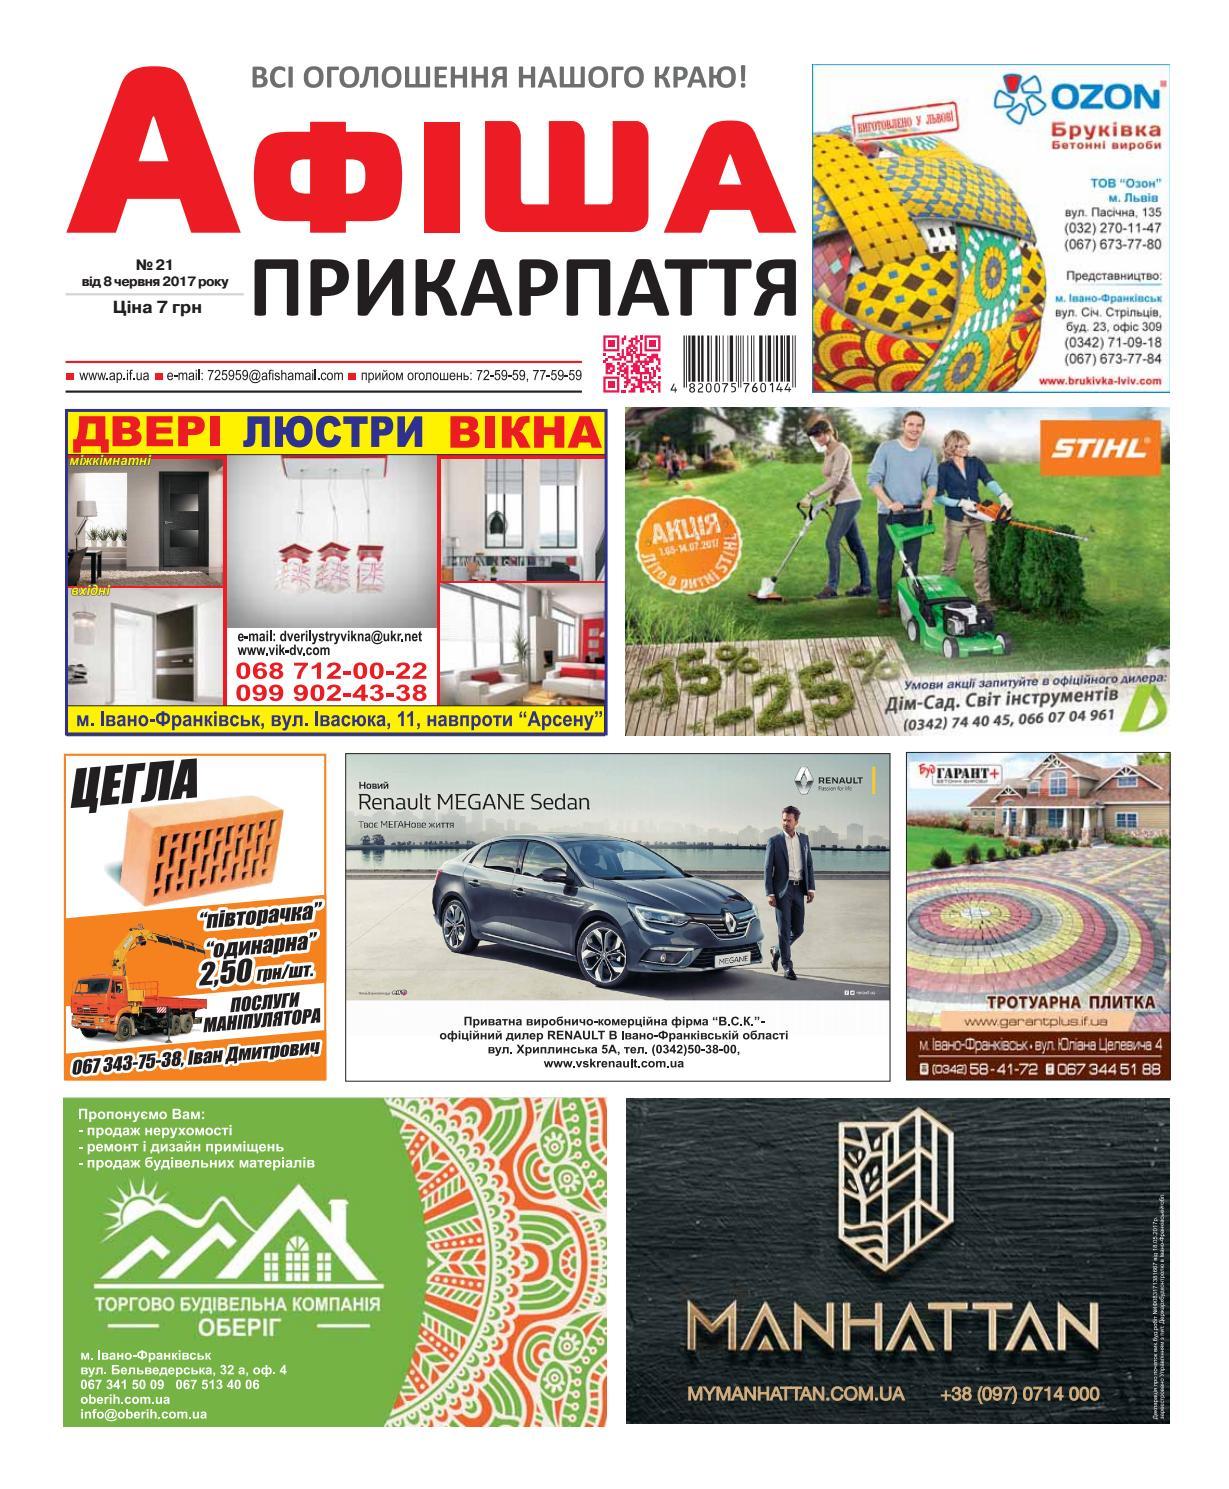 Афіша Прикарпаття 21 by Olya Olya - issuu 7b33a2ba2b9ca